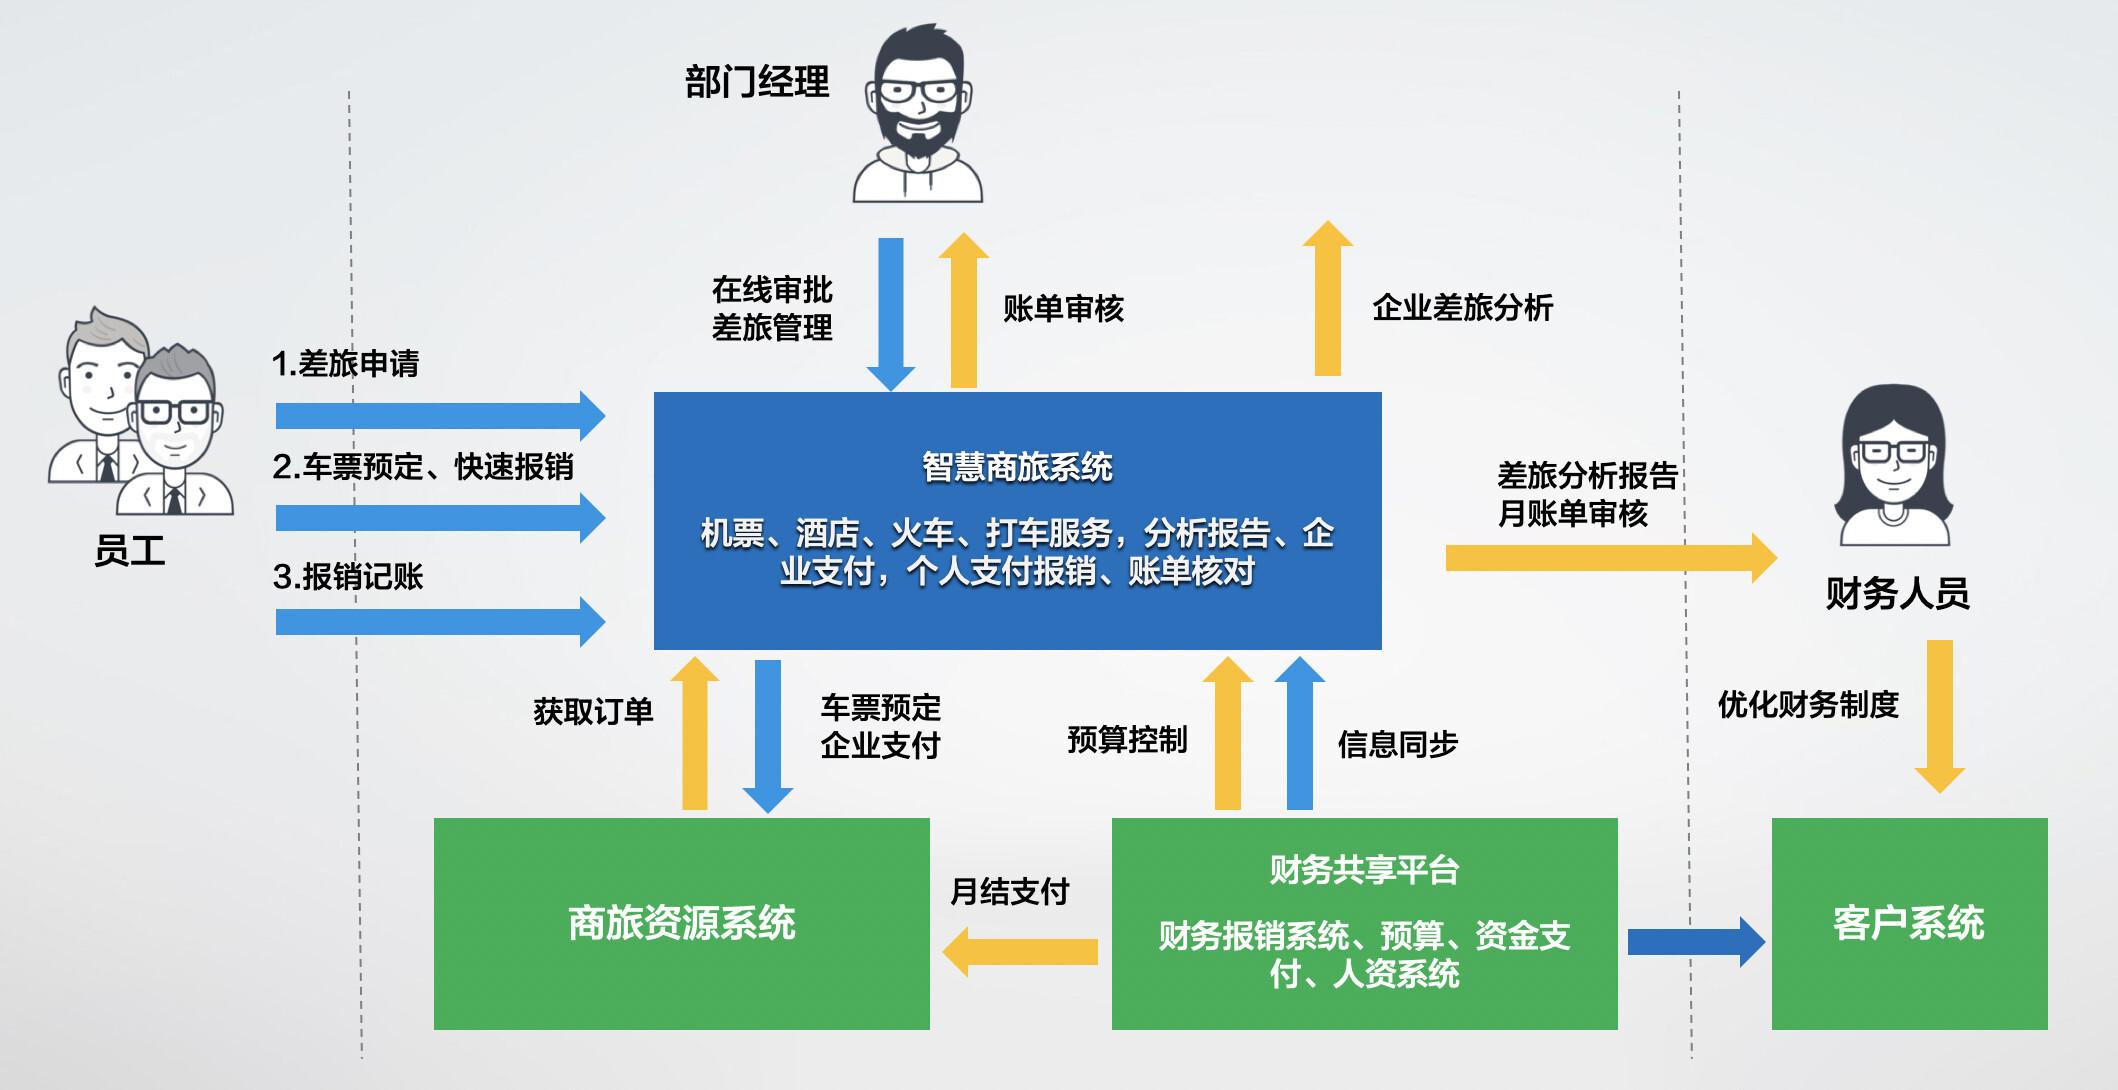 """""""商旅出差+财务共享"""" 智慧管理一键处理"""